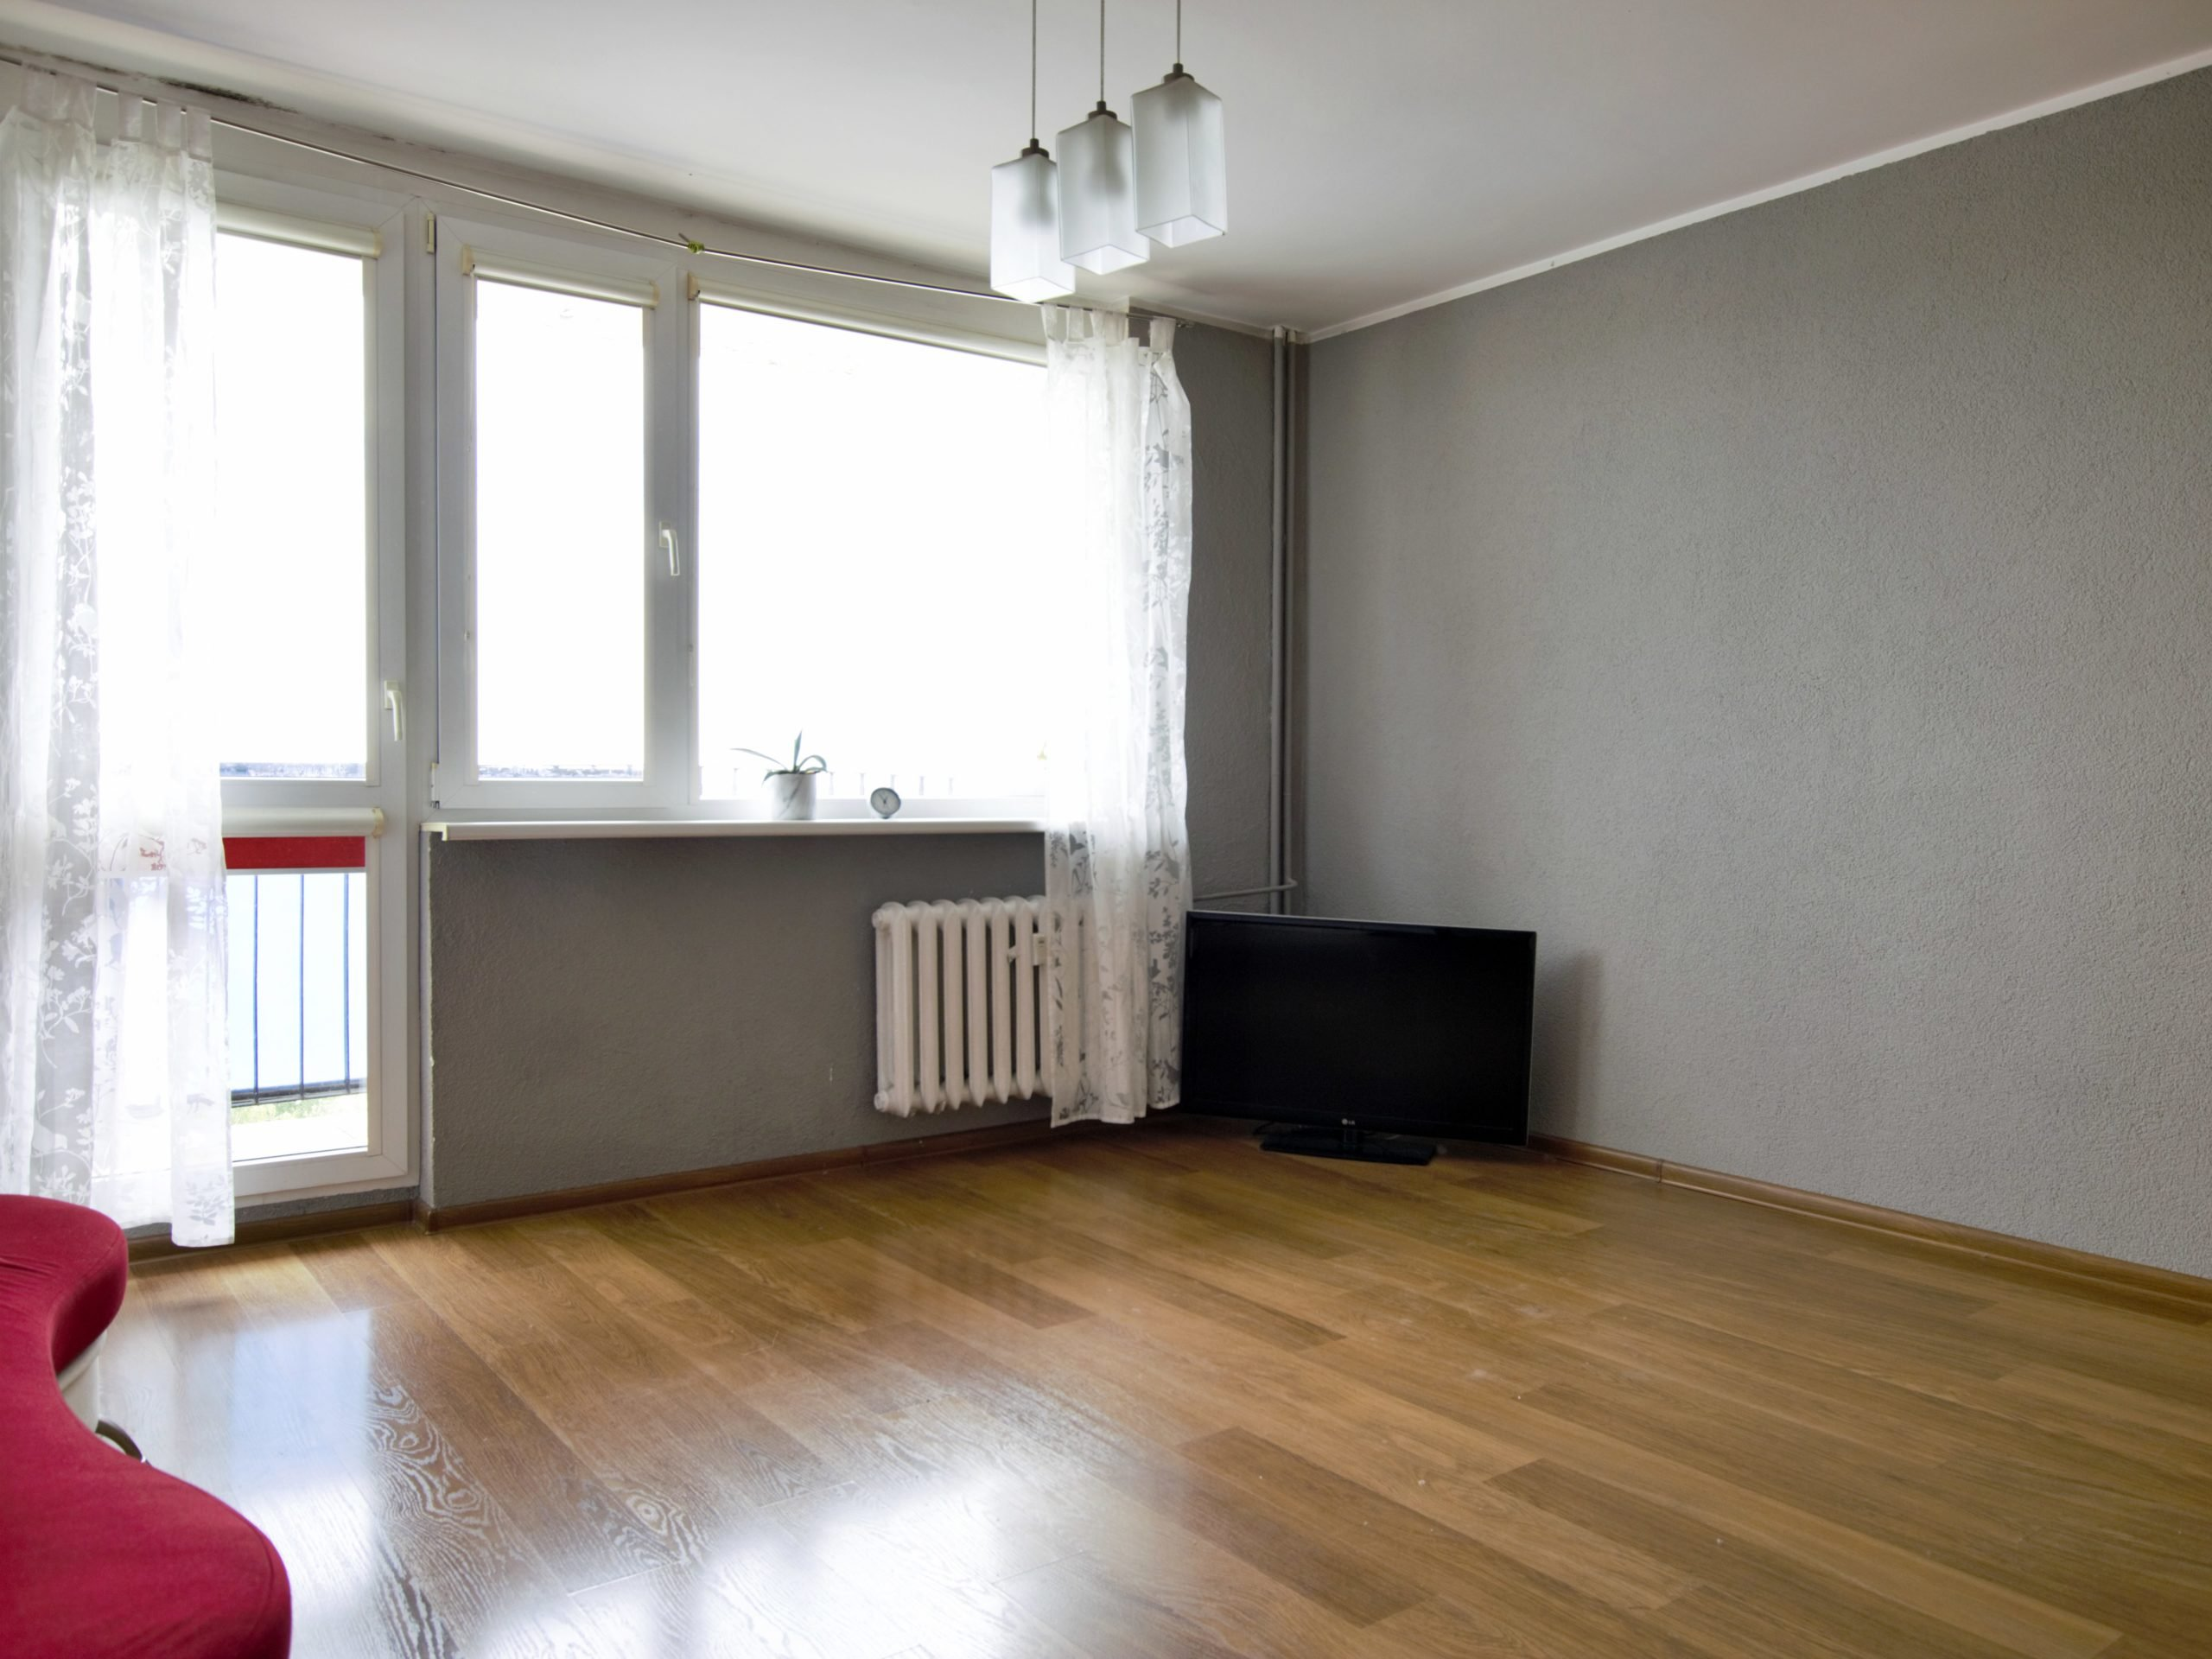 Wygodne mieszkanie 3-pokojowe, os. Dębina, Poznań